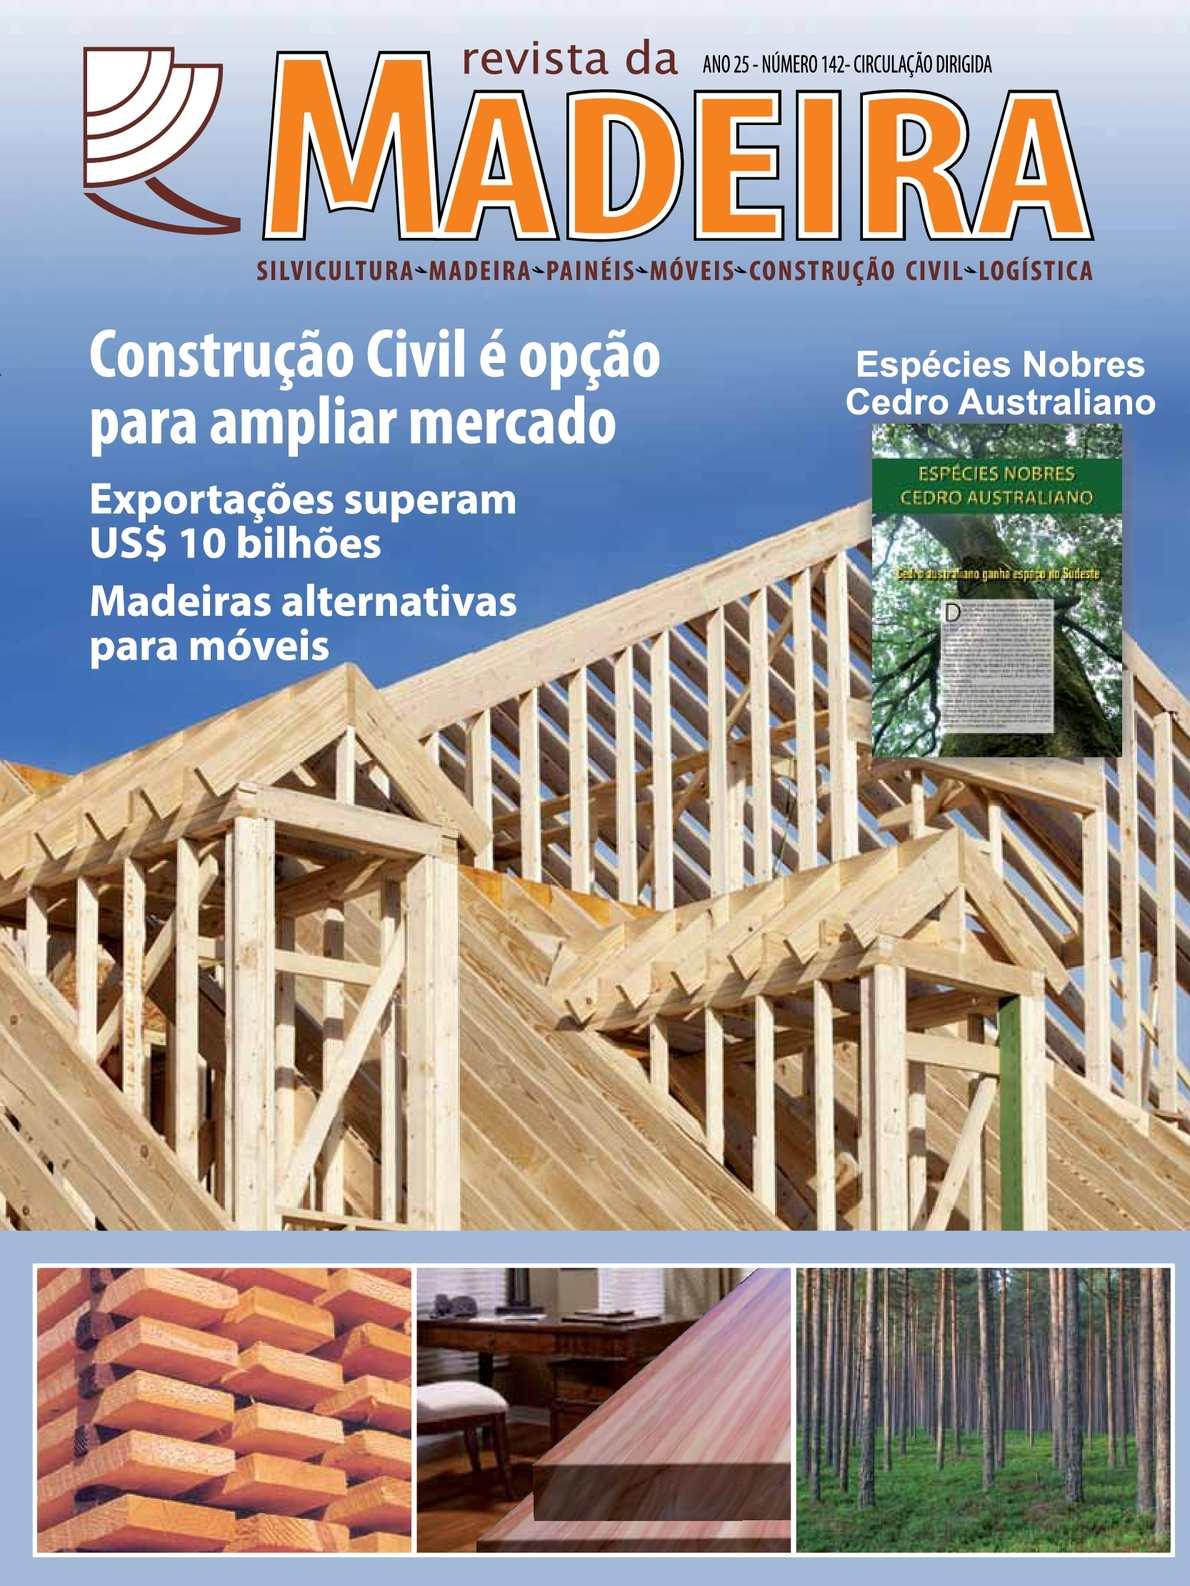 Calaméo - Revista da Madeira - Ed. 142 8078515311